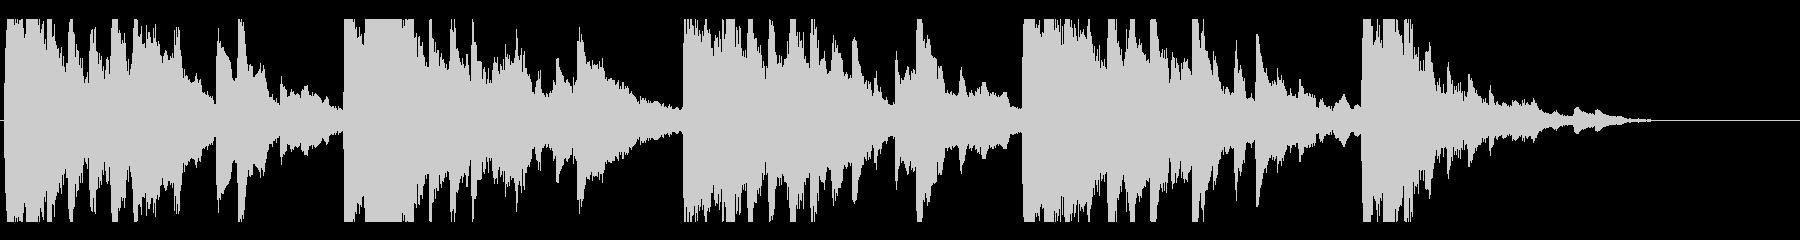 切なくしっとりとしたアンビエント風ピアノの未再生の波形